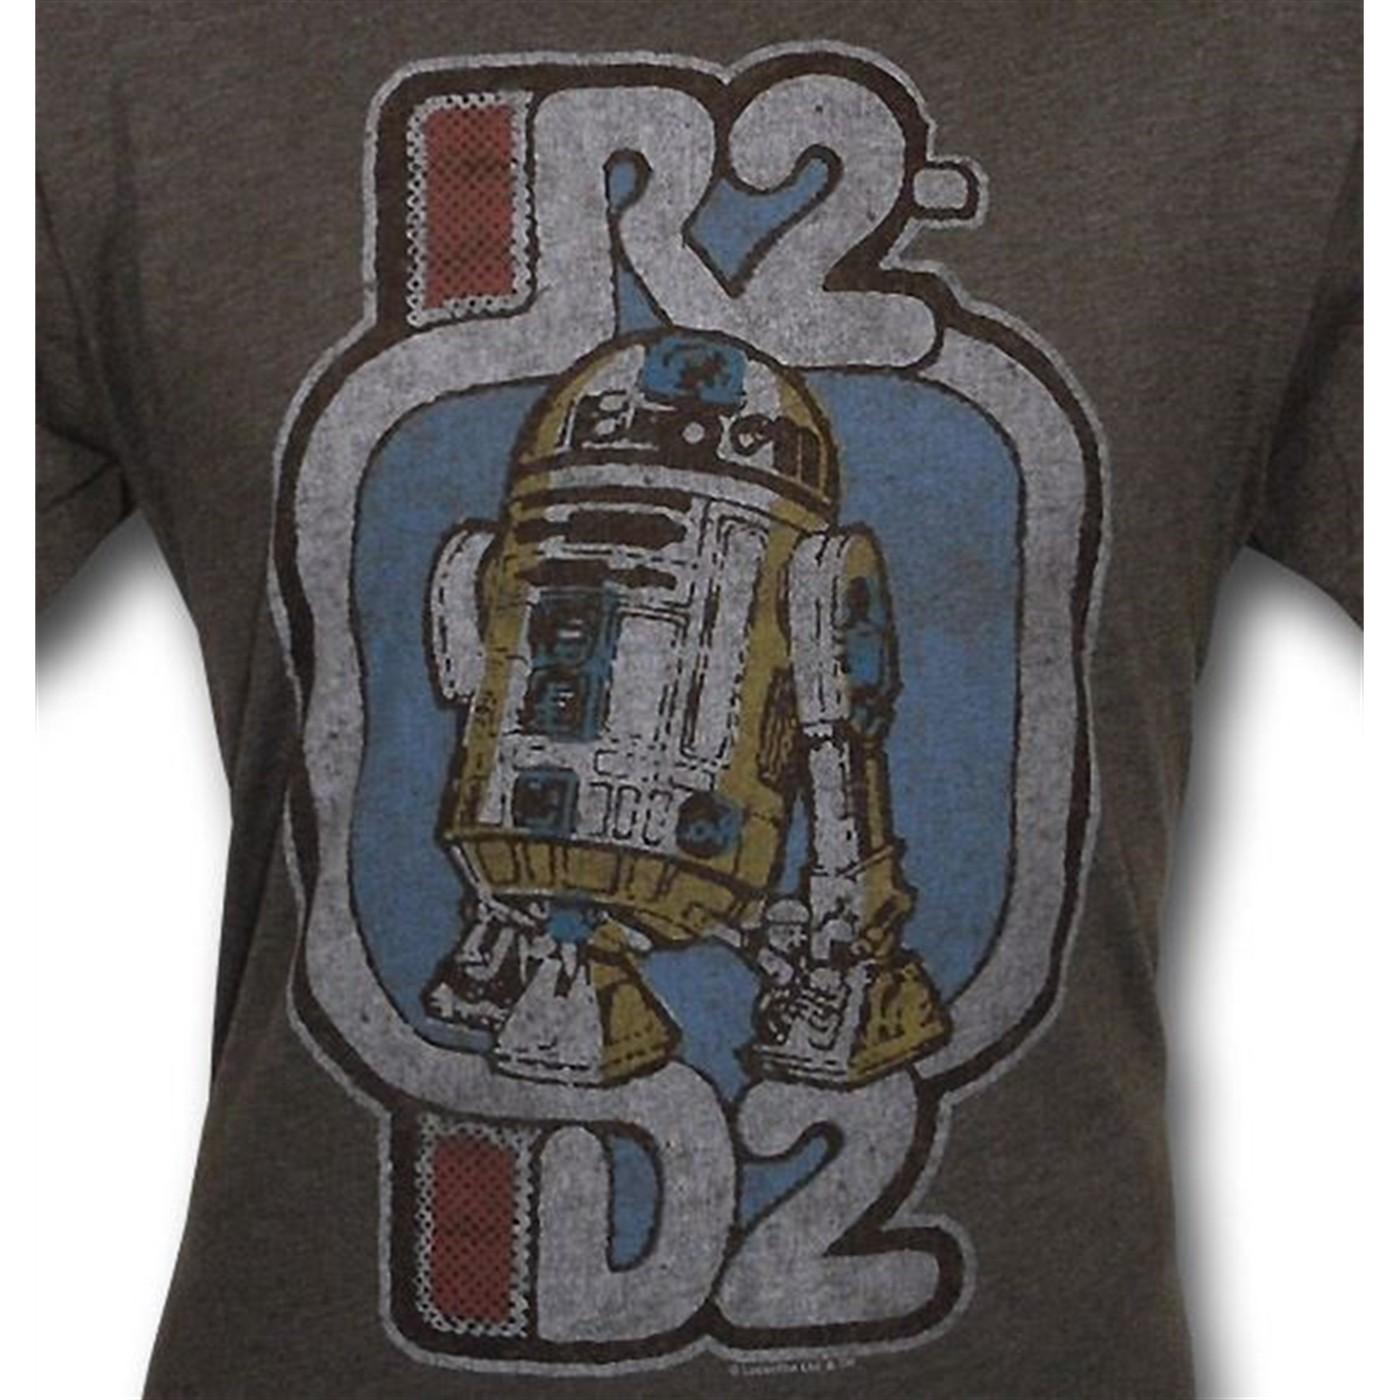 Star Wars R2-D2 Junk Food T-Shirt